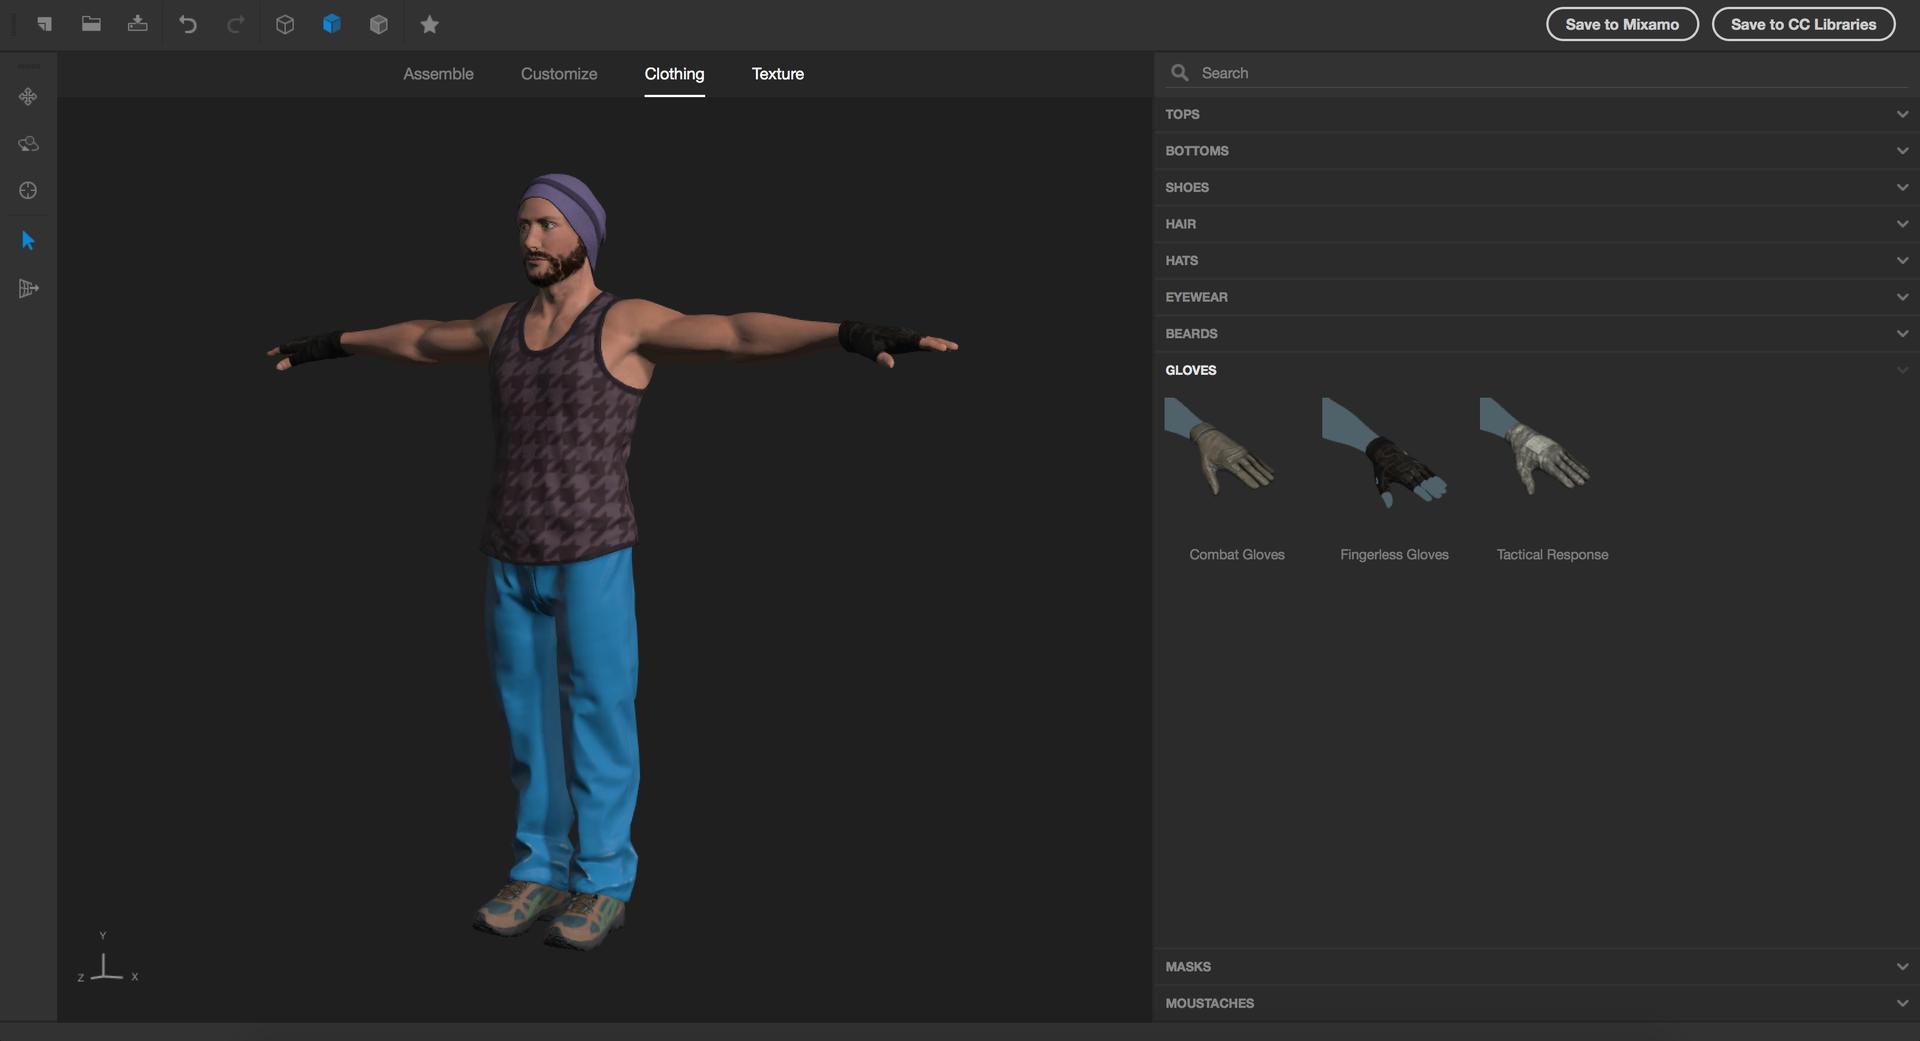 3D моделирование и анимация: руководство для начинающих - 12